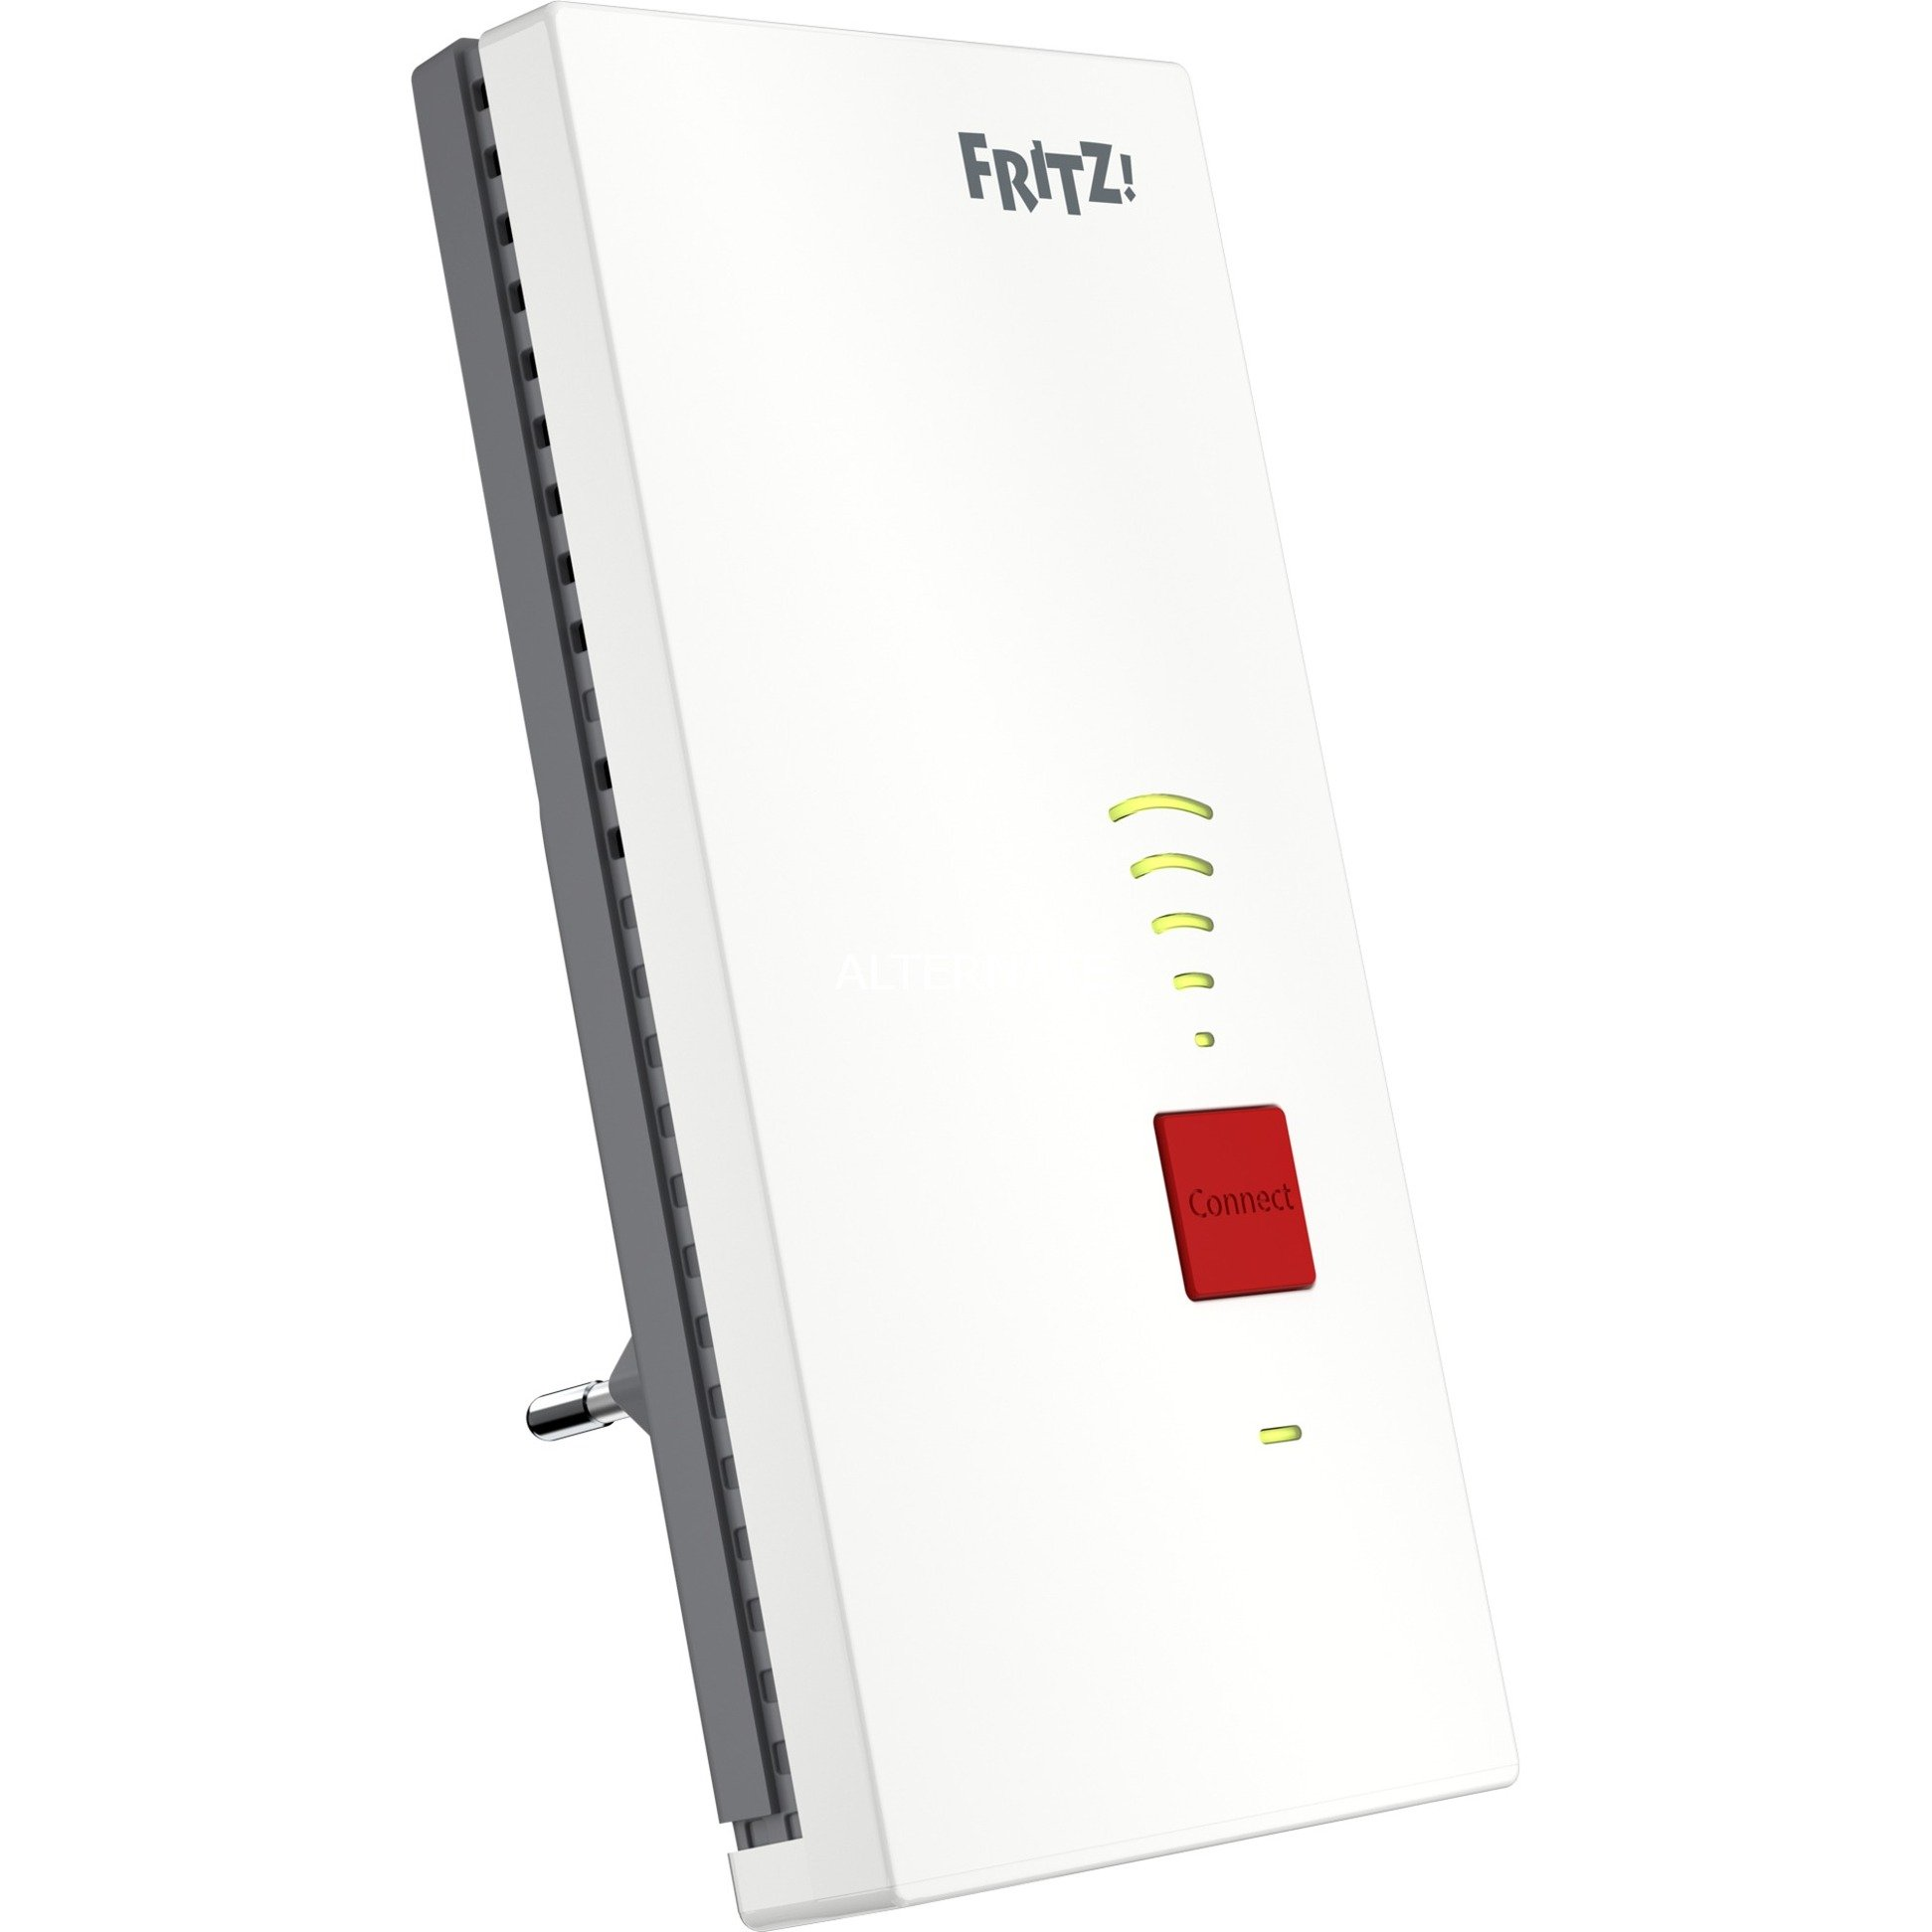 FRITZ!Repeater 2400 1733 Mbit/s Repetidor de red Blanco